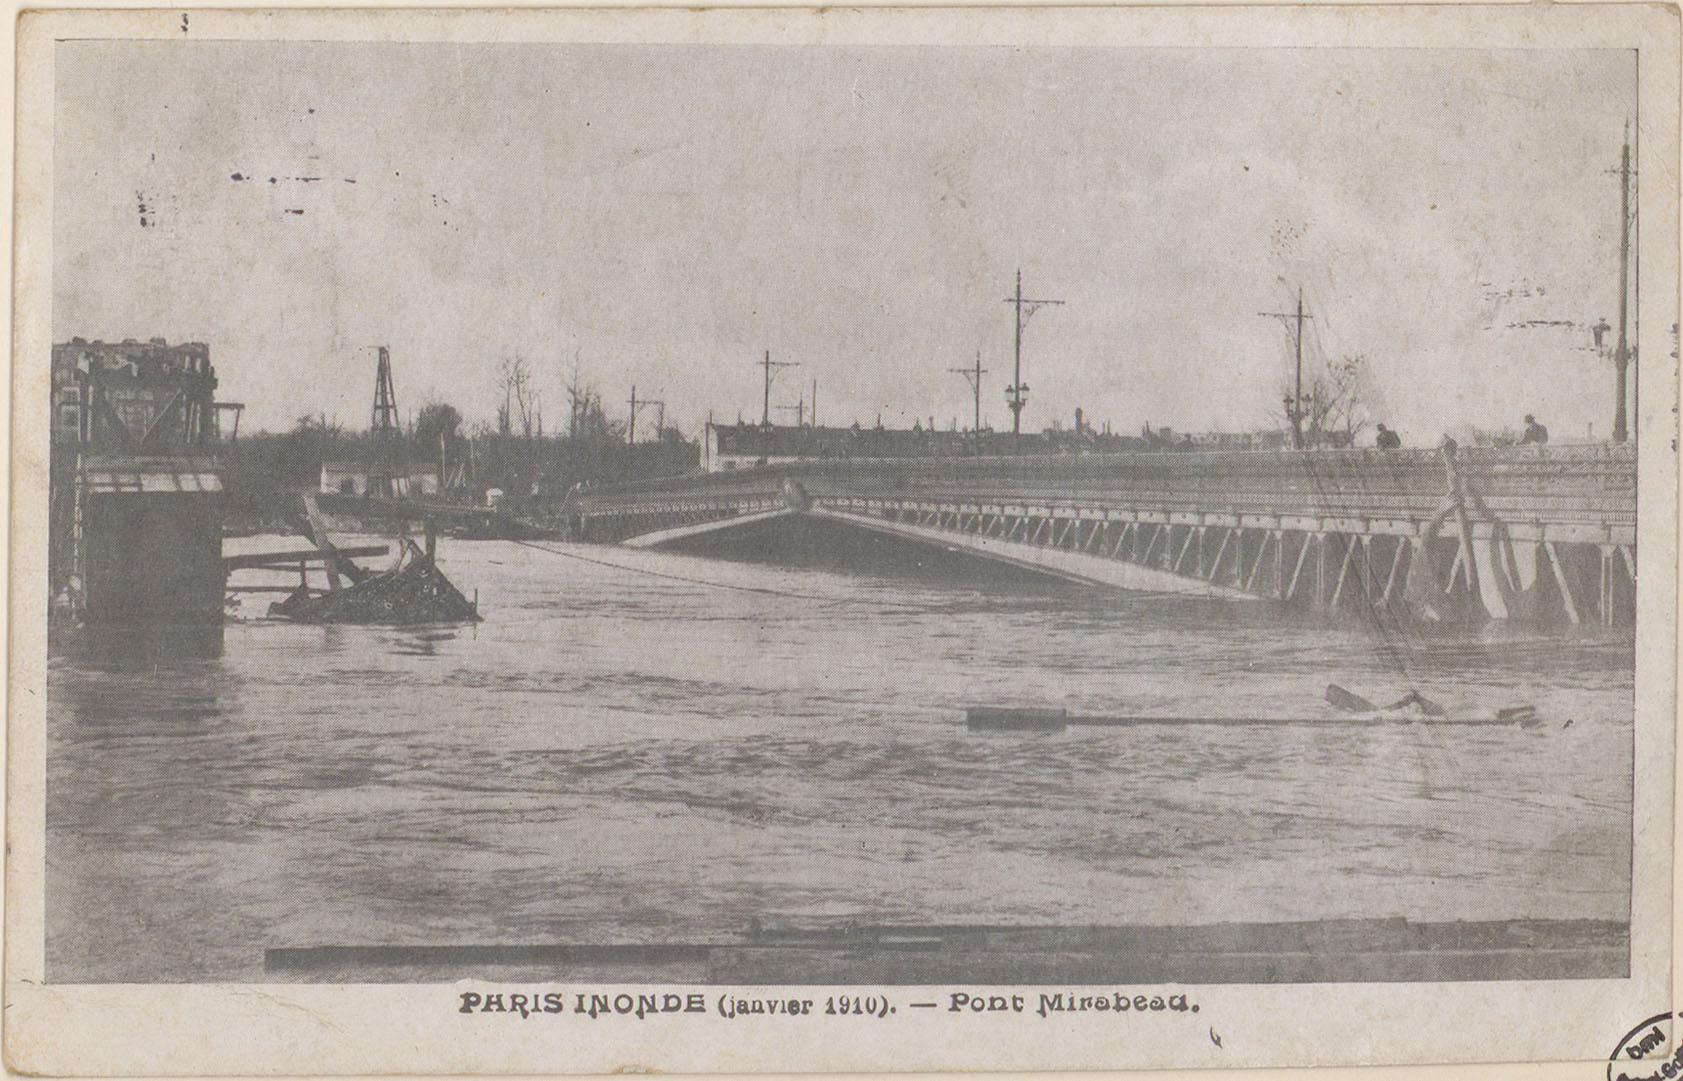 Contenu du Paris inondé (janvier 1910), Pont Mirabeau